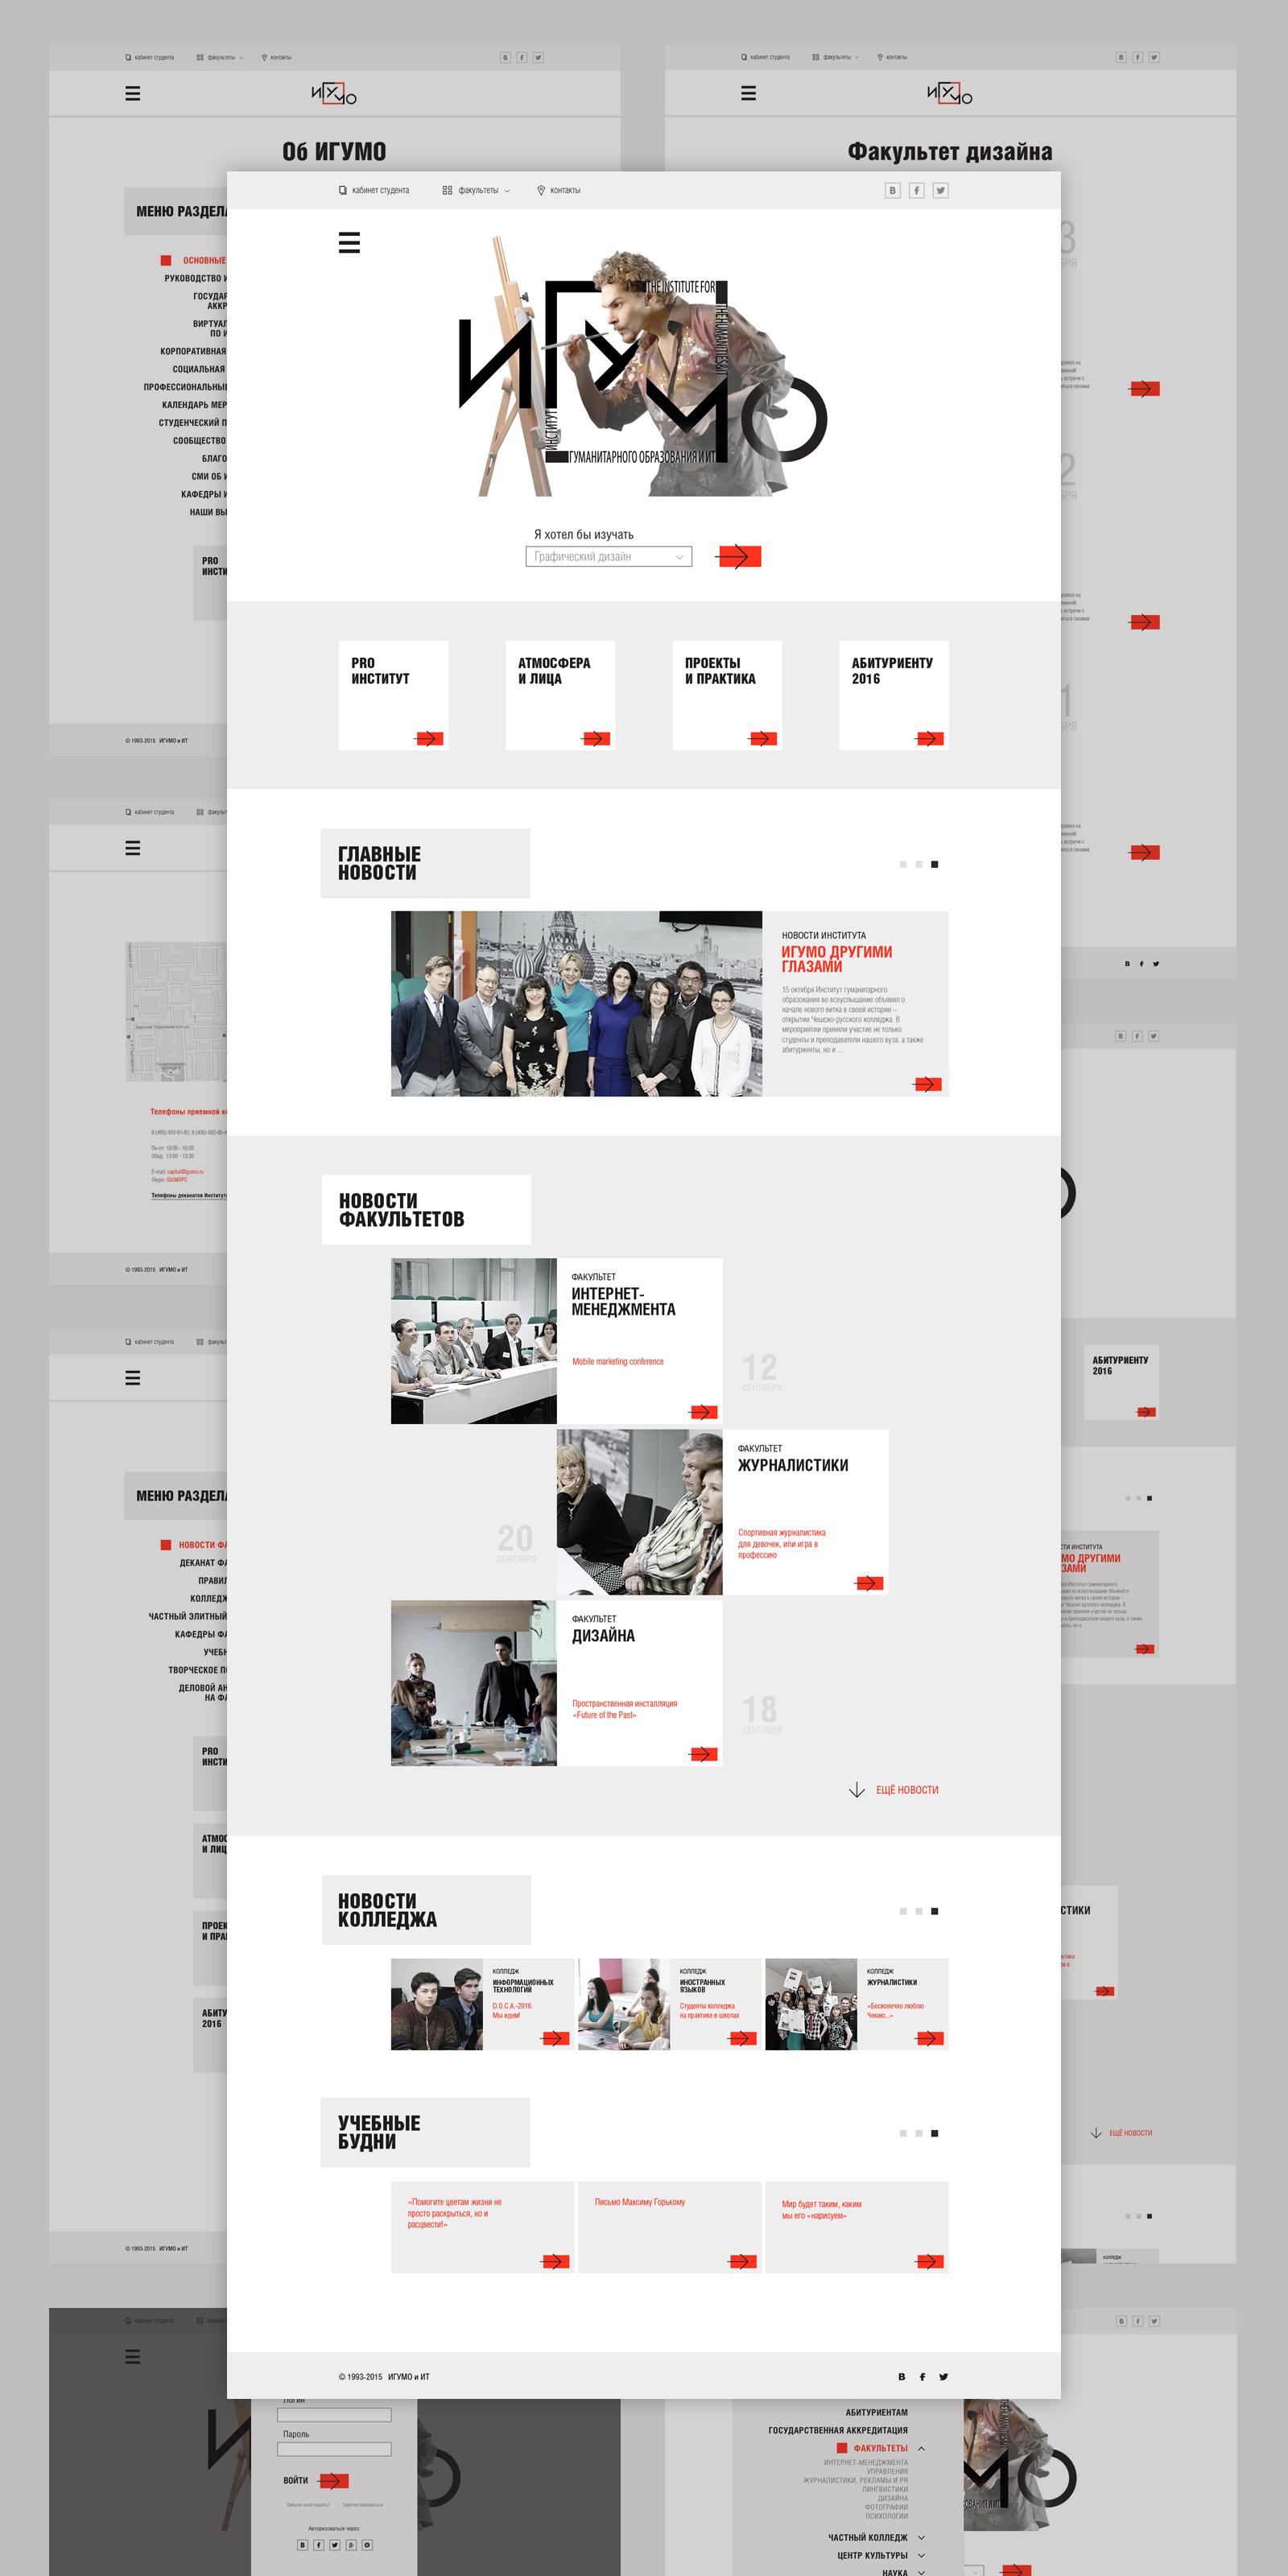 ИГУМО (concept version 2)